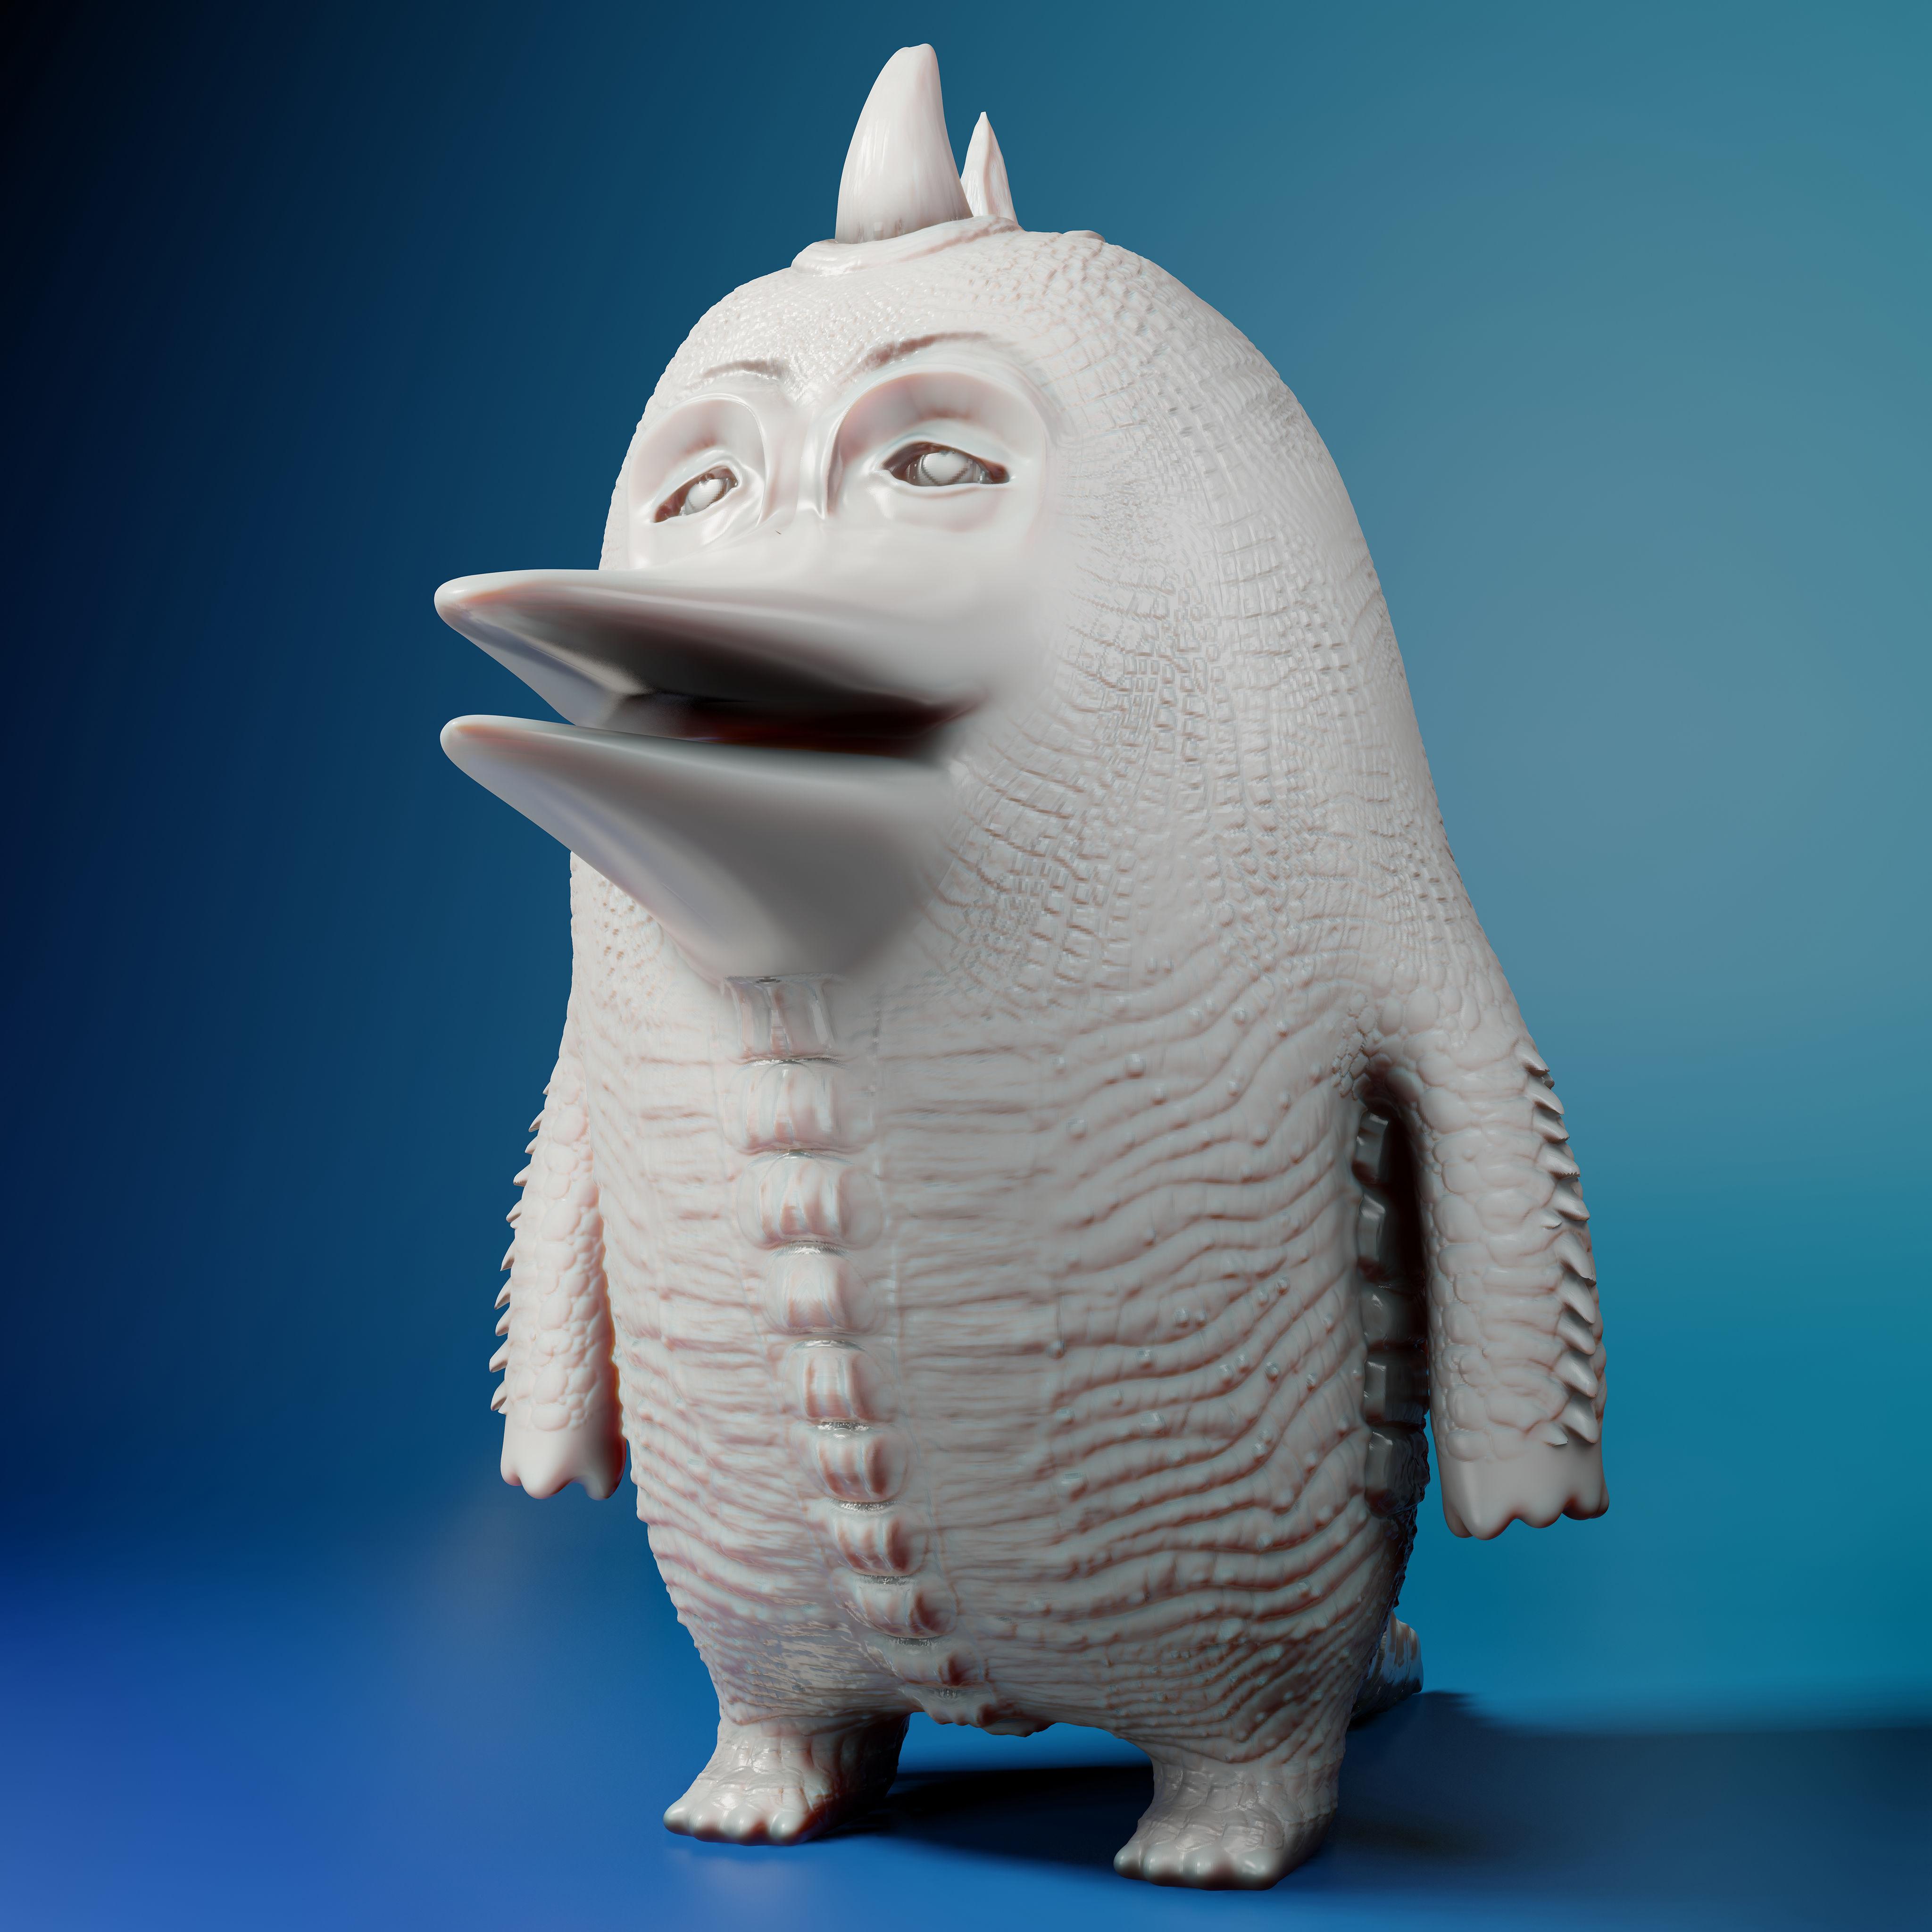 Duckzilla 3D Print Model